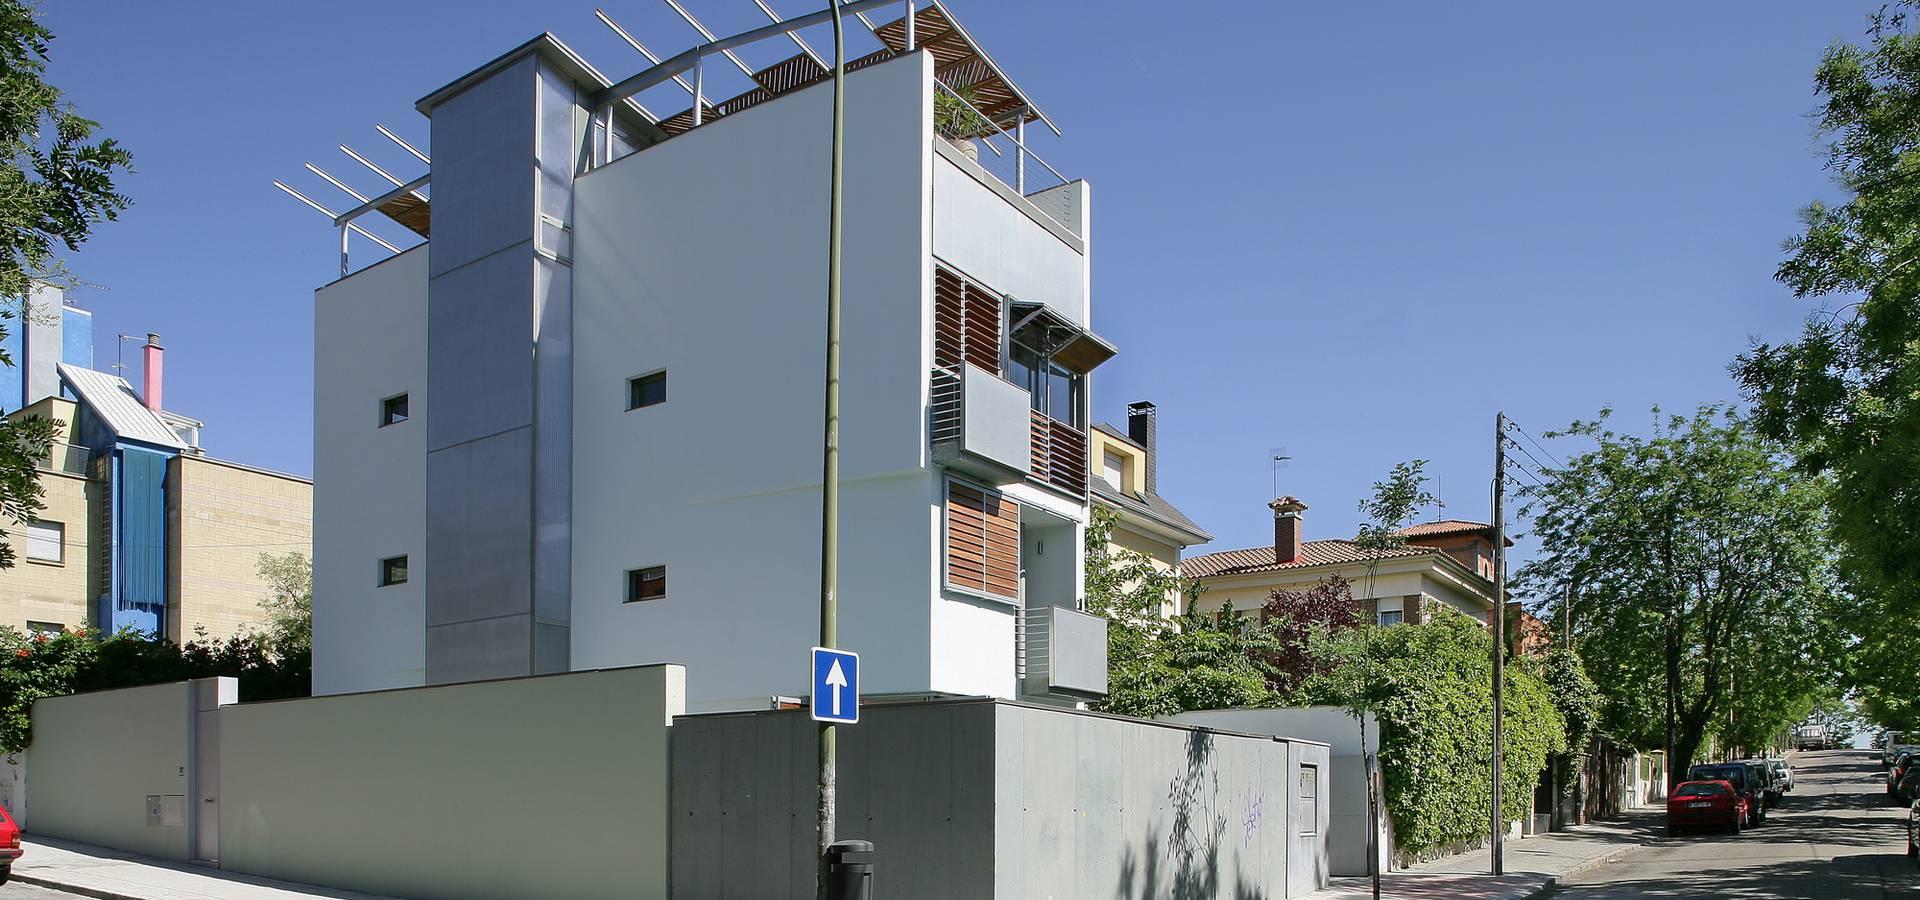 Arq jiliberto malaga arquitectos en m laga homify - Arquitectos malaga ...